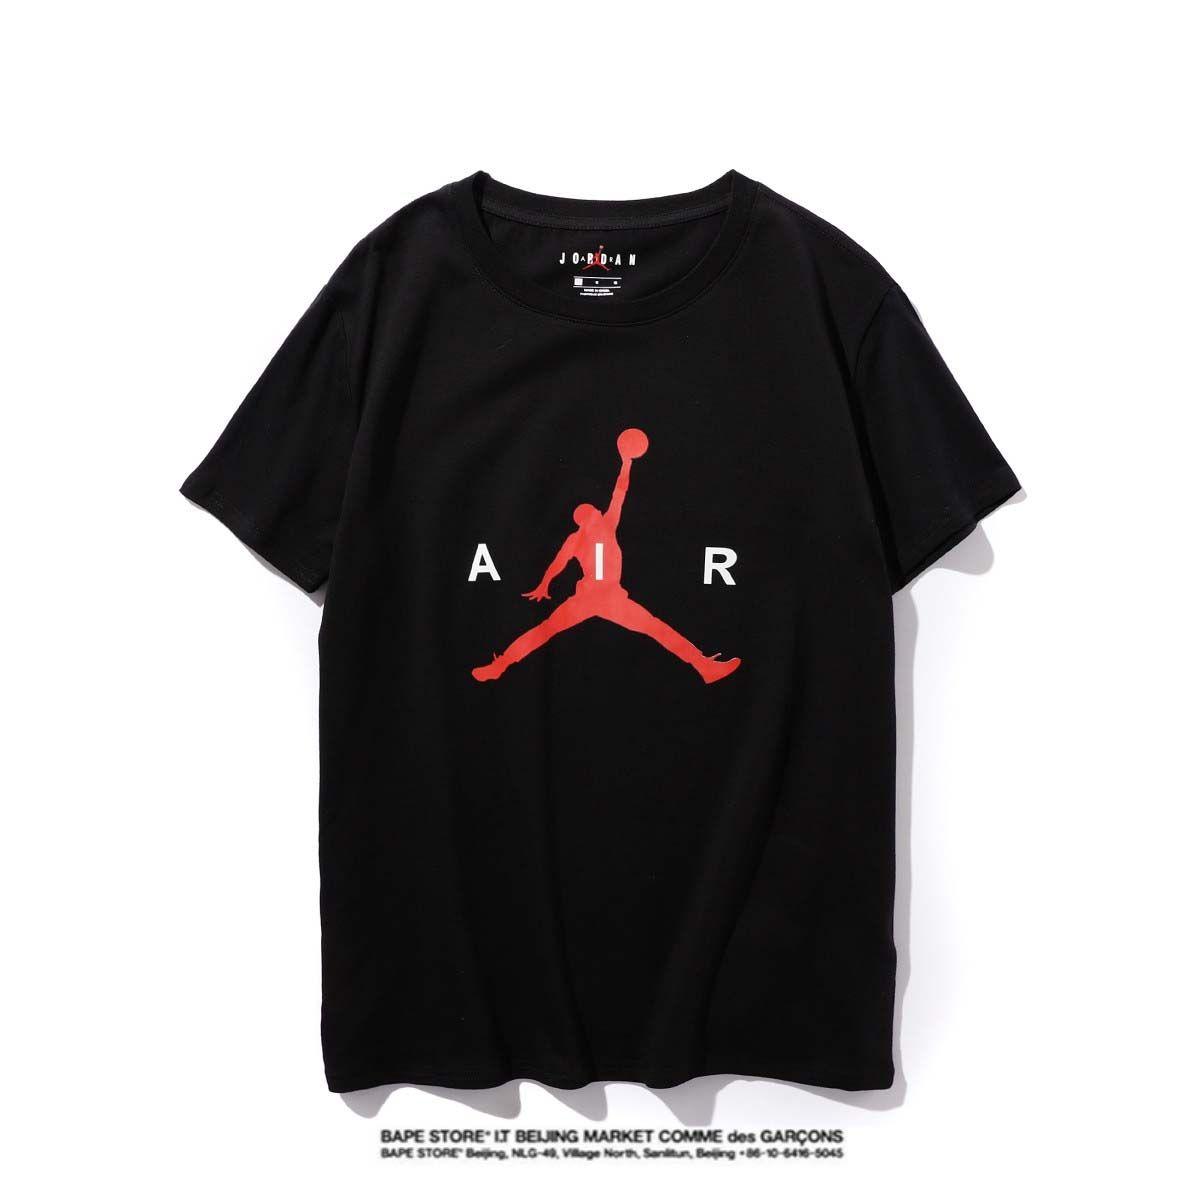 Jordan Hohe Qualität Neuer Brief Printing Short Sleeve Mode Aufmaß Cotton Hip Hop-Männer Frauen Paar Designer-T-Shirt S-XXL # 12137